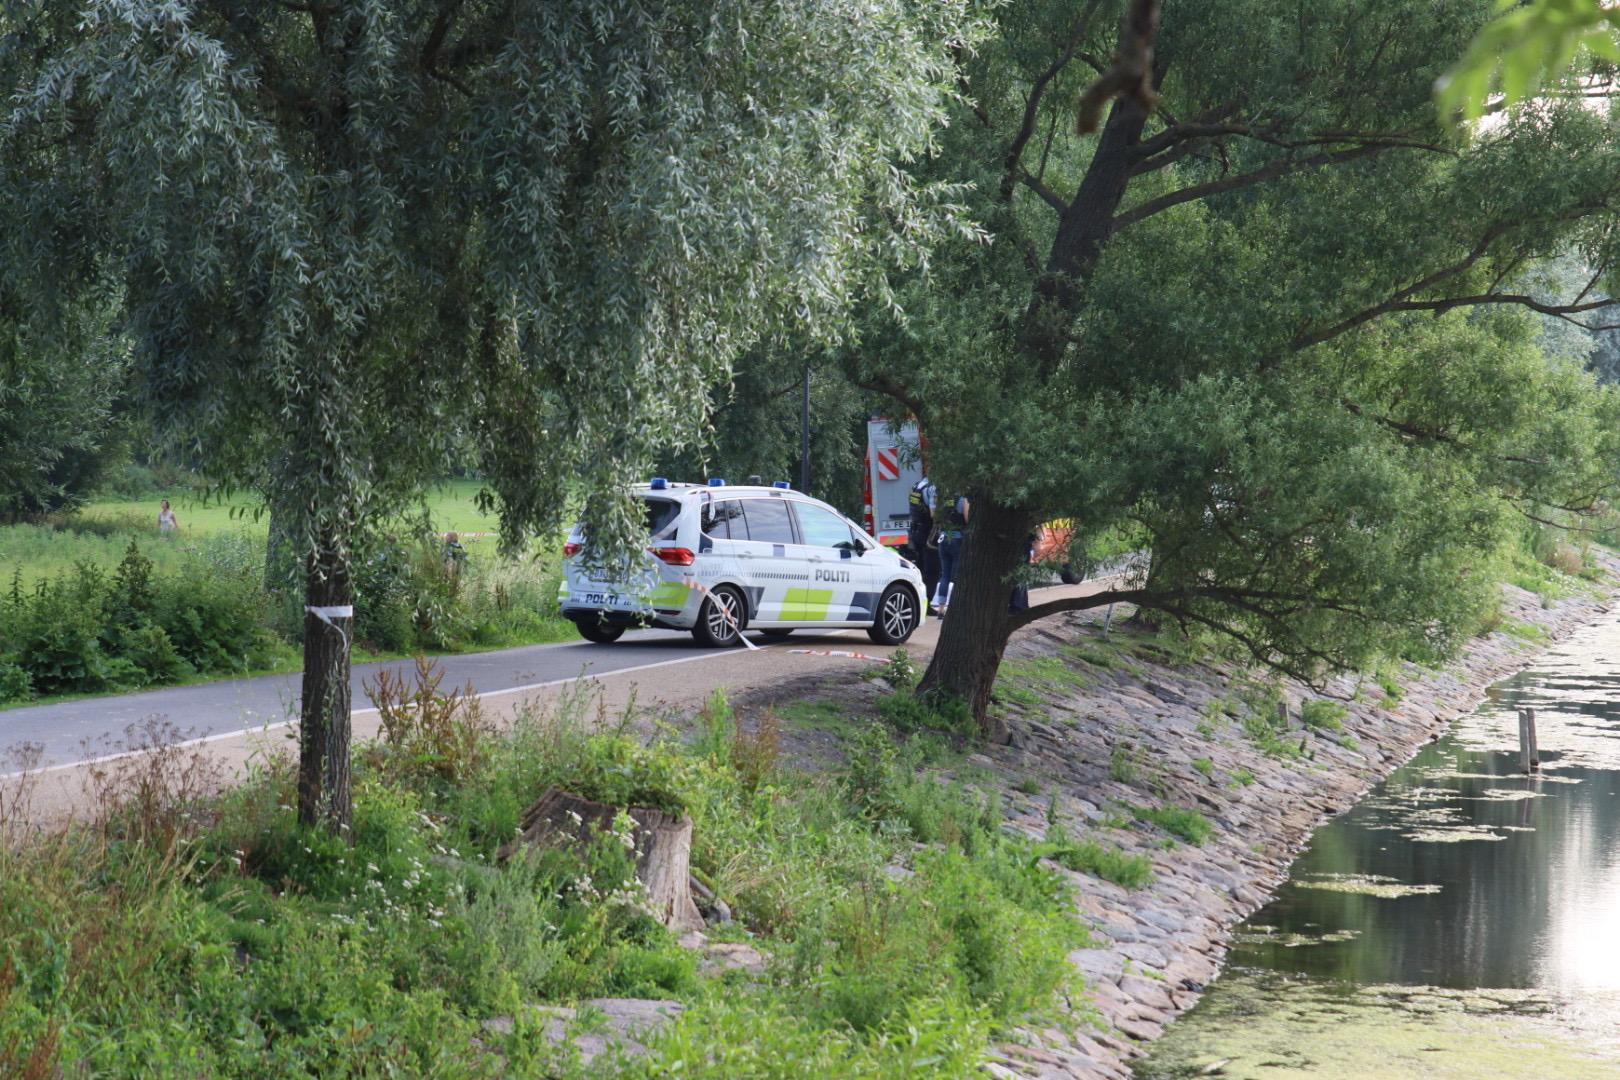 Livløs person fundet ved Damhusdæmningen